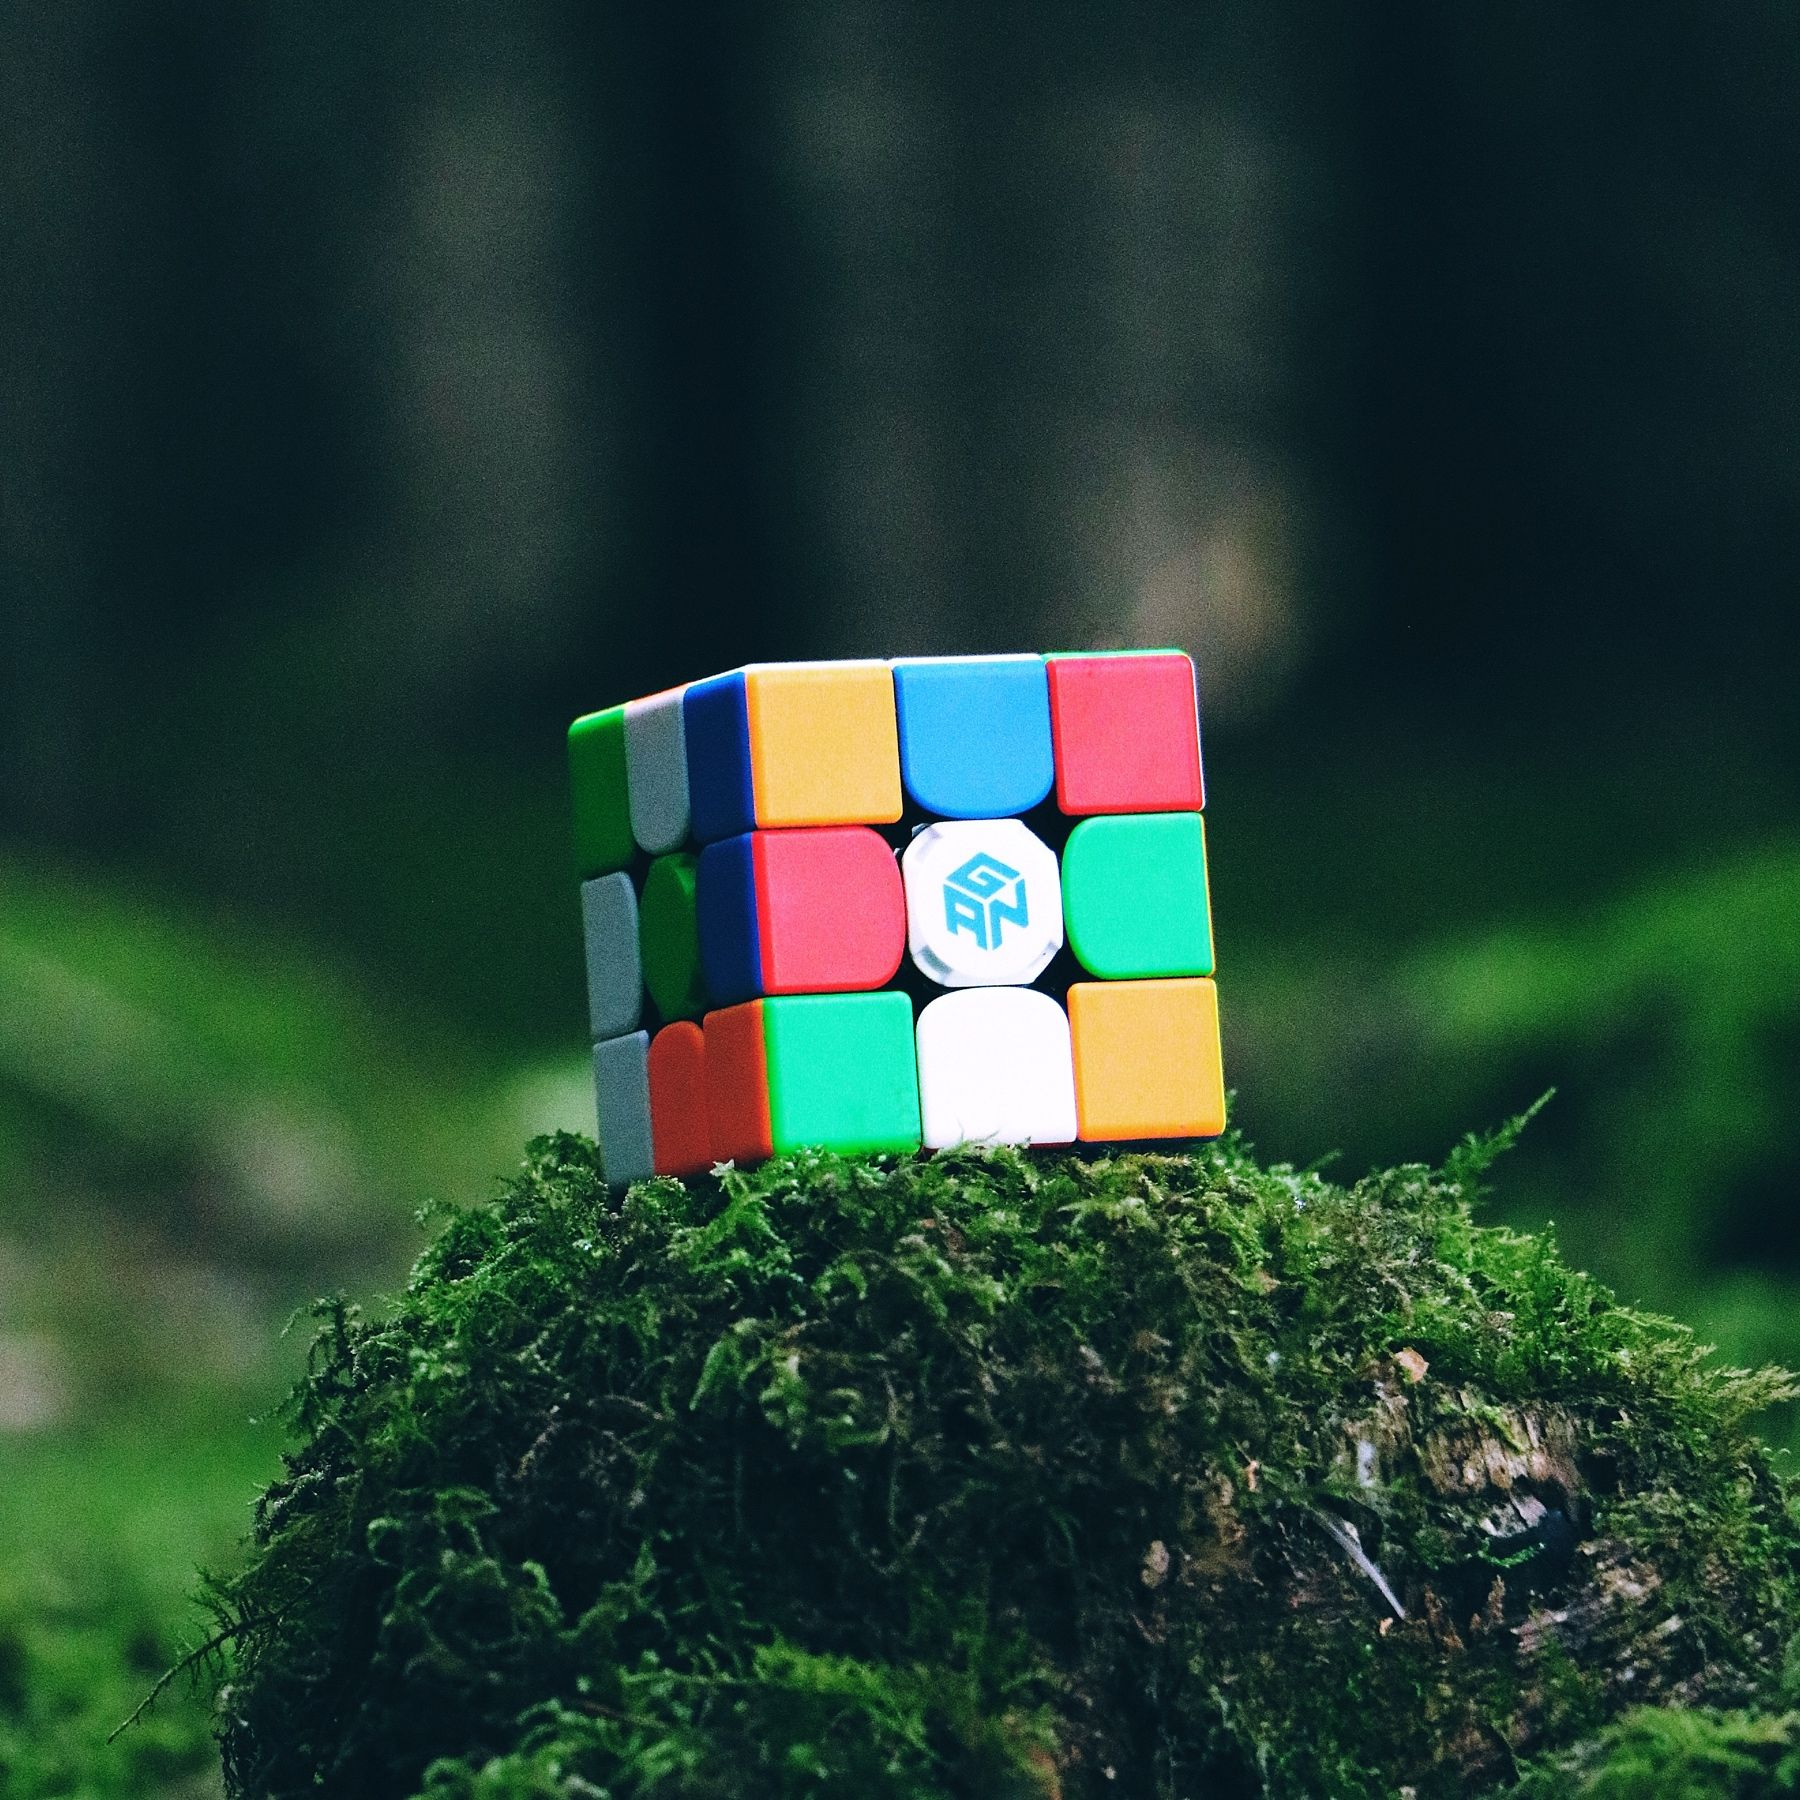 Der Gan 356 I Der Gan 356 I Ist Der Erste Smart Cube Von Premium Hersteller Gan Er Zeichnet Jede Drehung Auf Und Visual In 2020 Zauberwurfel Der Wurfel Smartphone